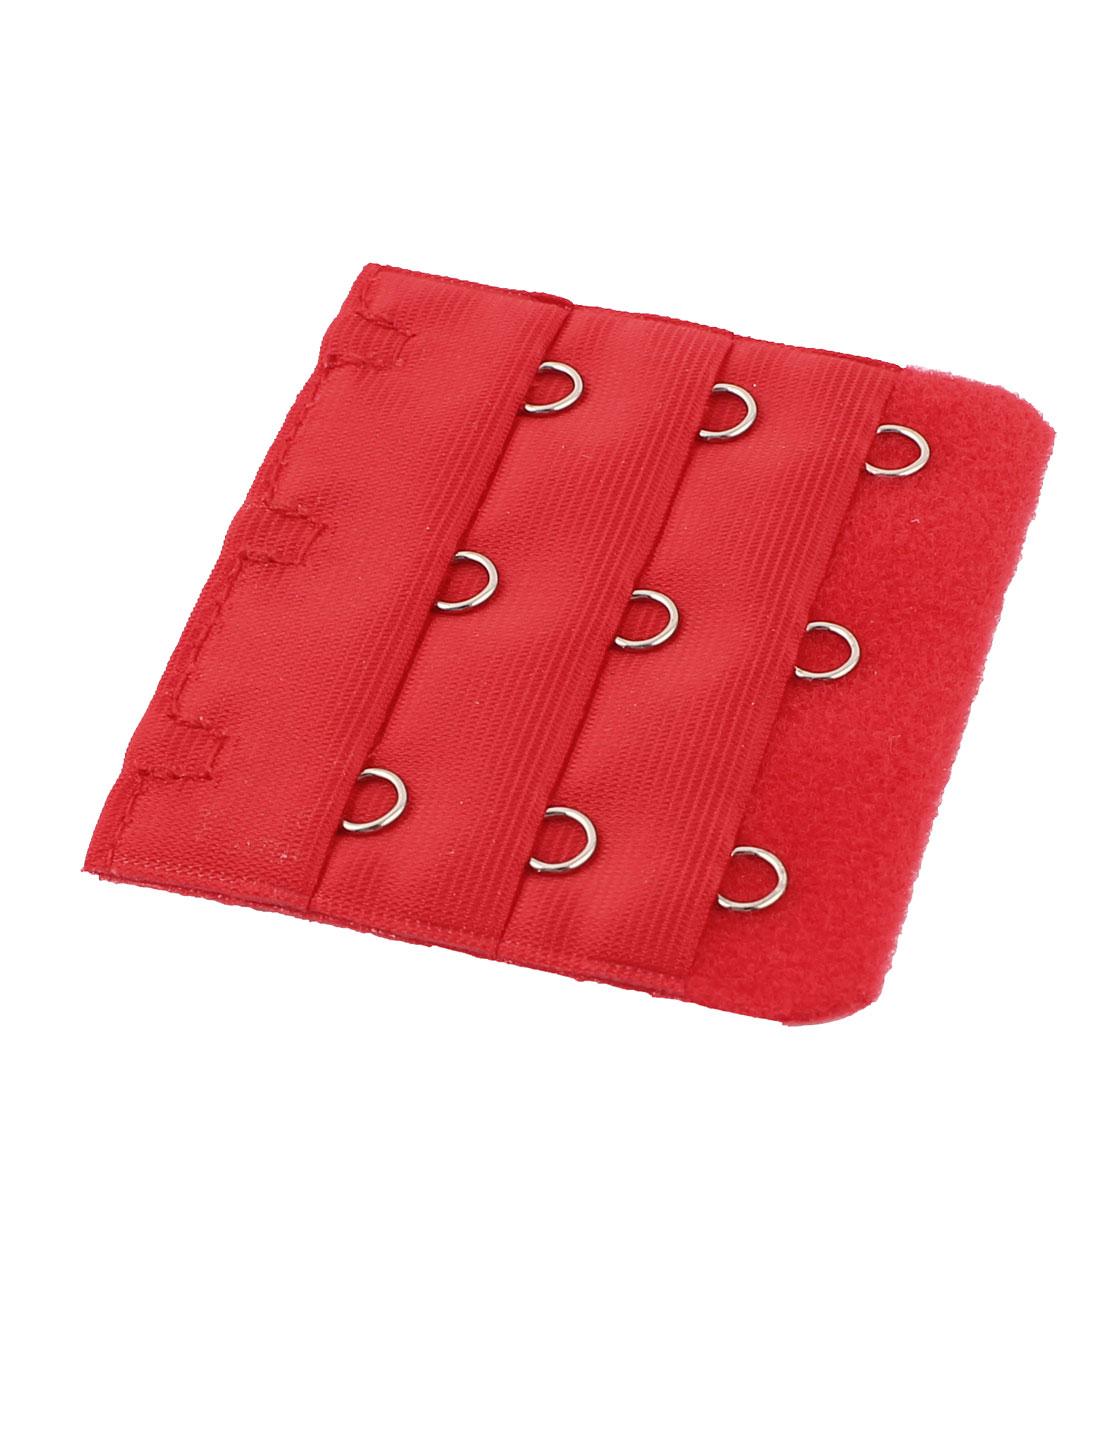 Lady 3 x 3 Hooks Brassiere Bra Underwear Strapless Extension Strap Extender Red